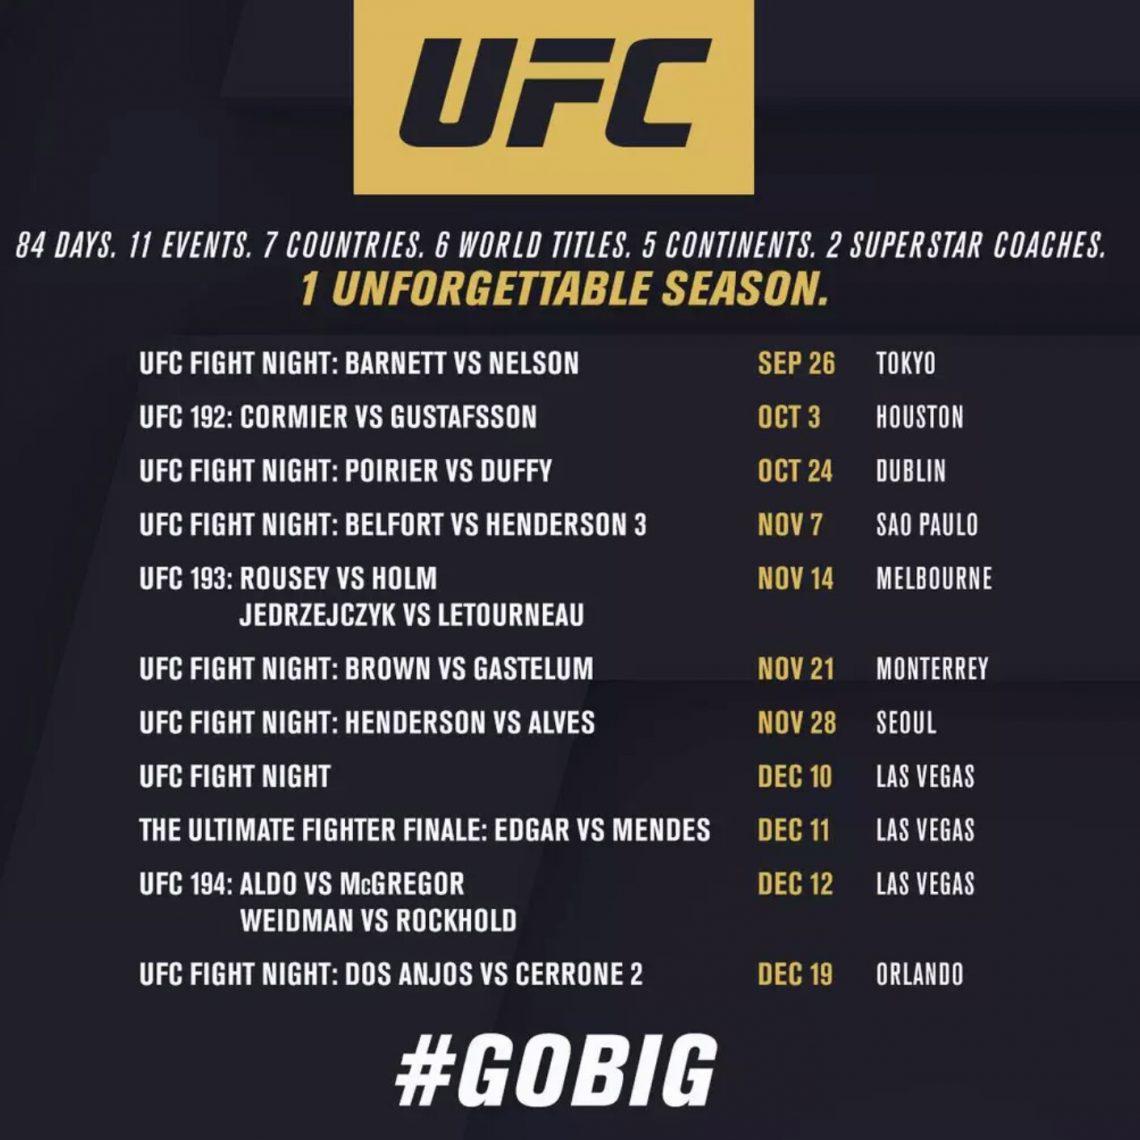 UFC-GOBIG